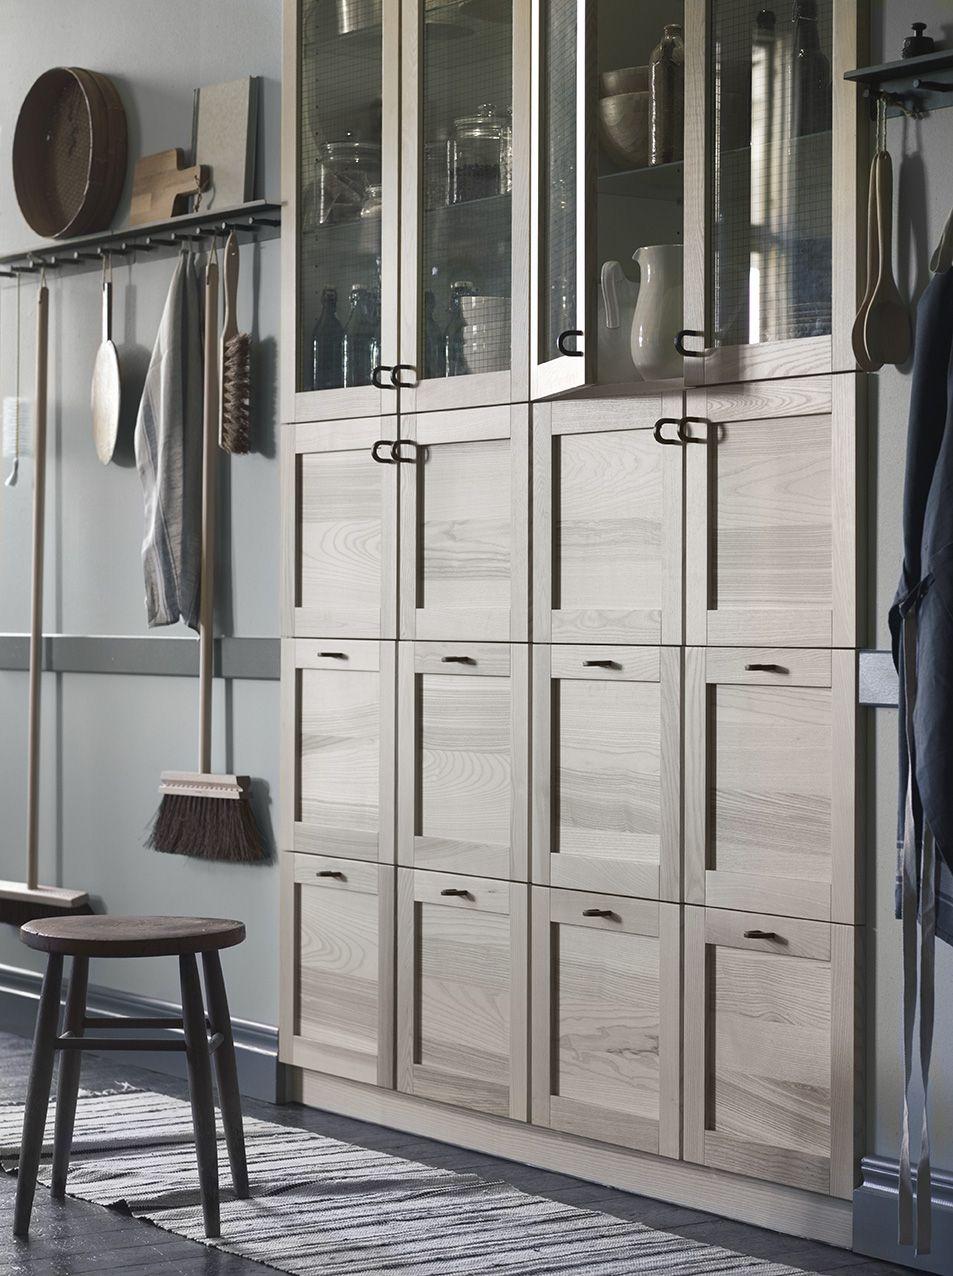 TORHAMN keukenfronten | #IKEA #IKEAnl #keuken #deur #kast ...